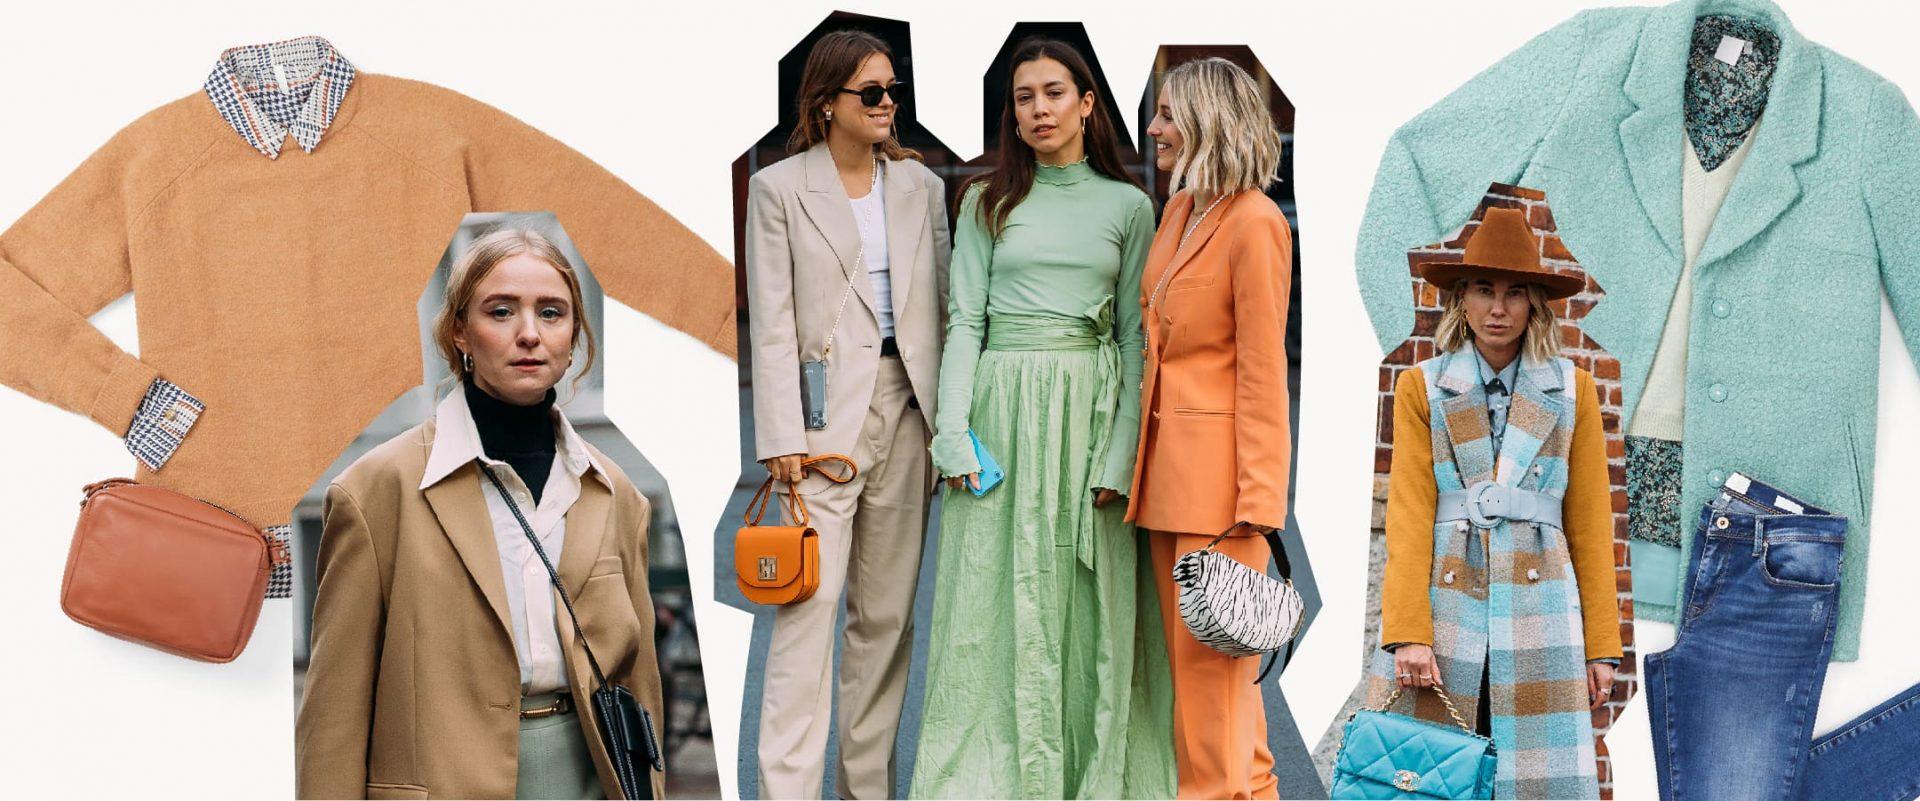 Che Colore Abbinare Al Giallo 5 abbinamenti di colori tendenza primavera estate 2020 per